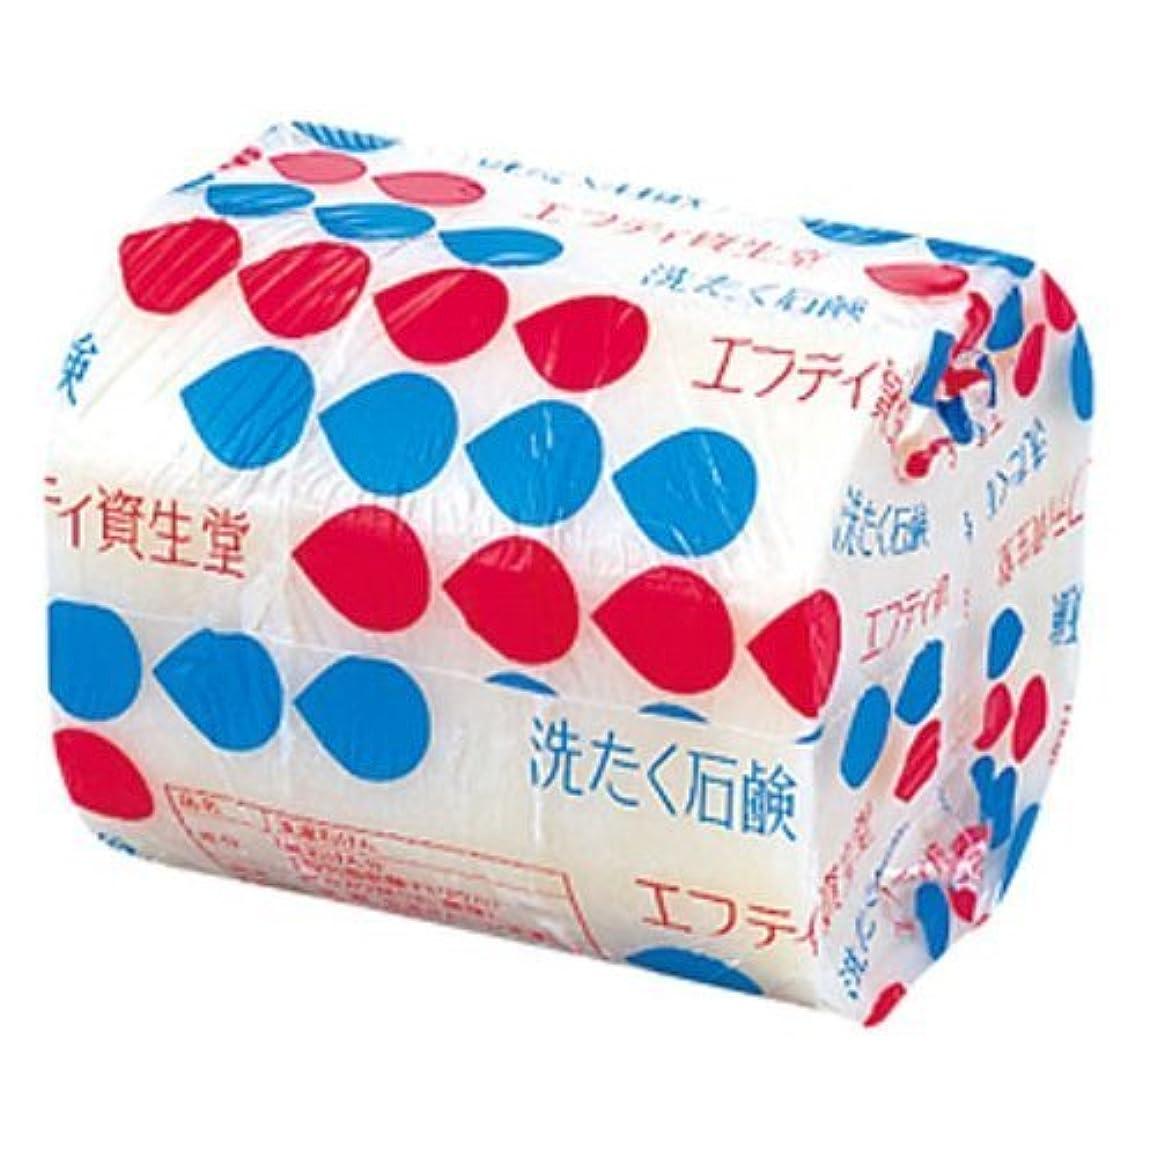 市民モーテル自動化【資生堂】エフティ資生堂洗たく石鹸花椿型3コパック200g